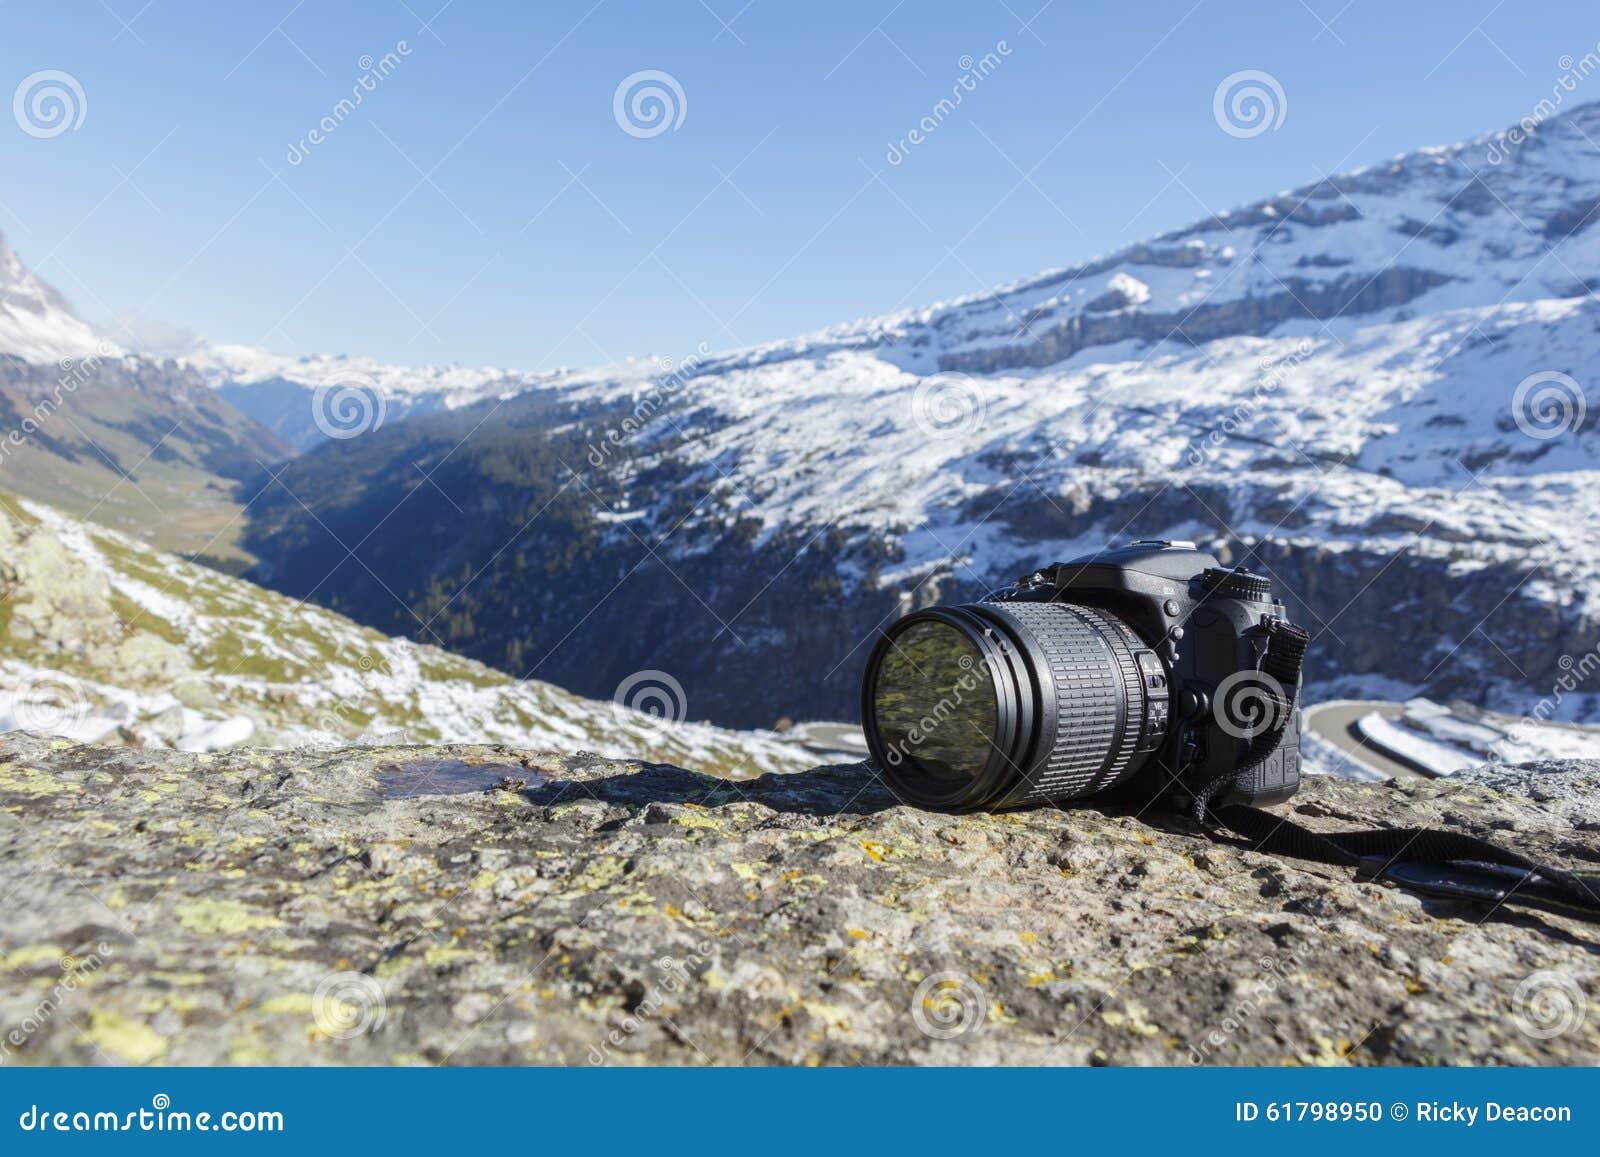 Fotografia ao ar livre